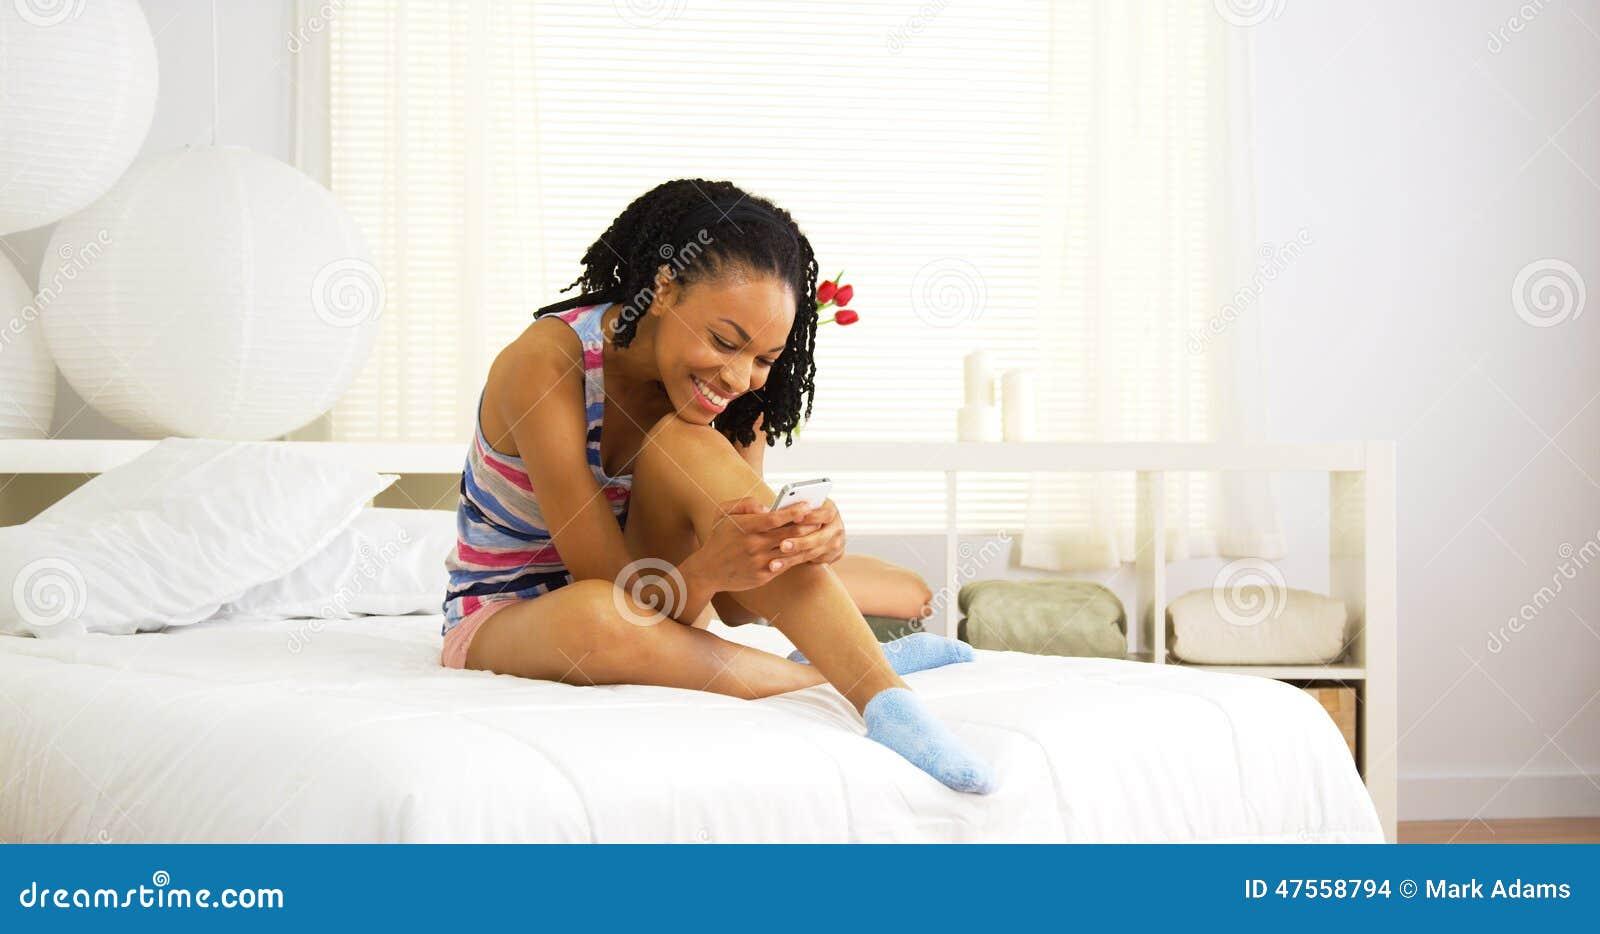 Black woman white man sex stories-9068